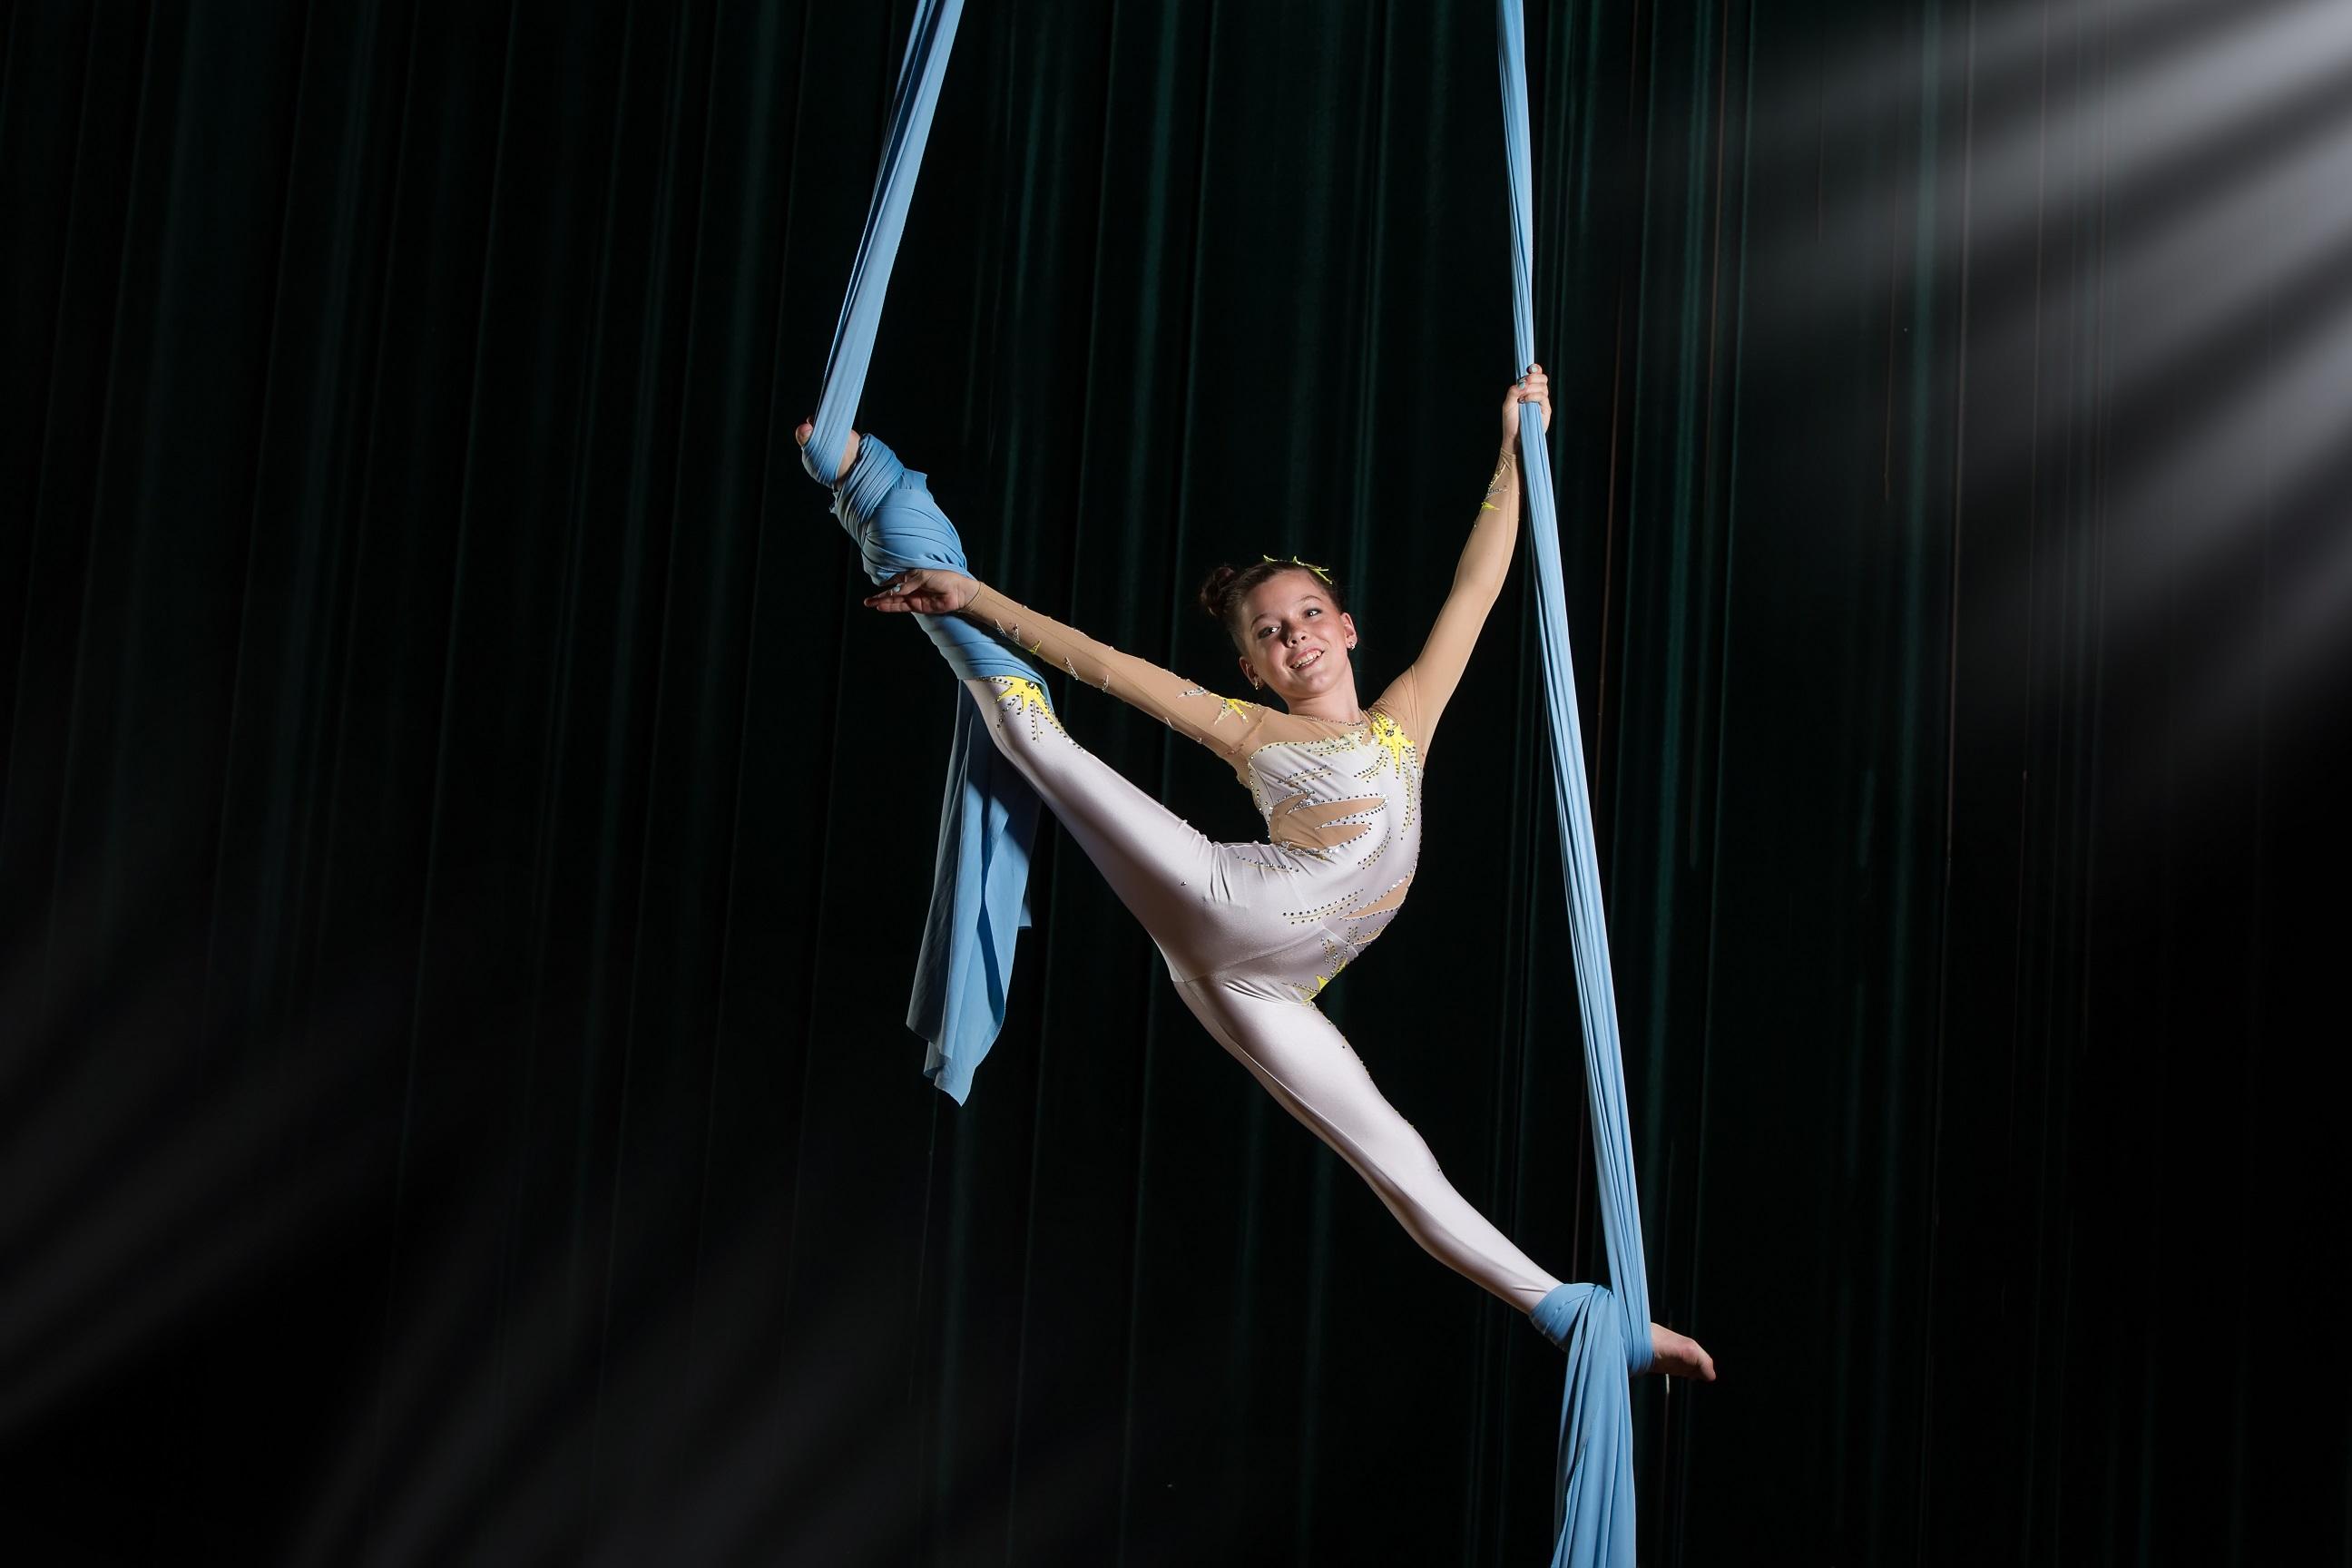 https://www.jas-stage.academy/images/Vertikaltuch-Zirkus.jpg